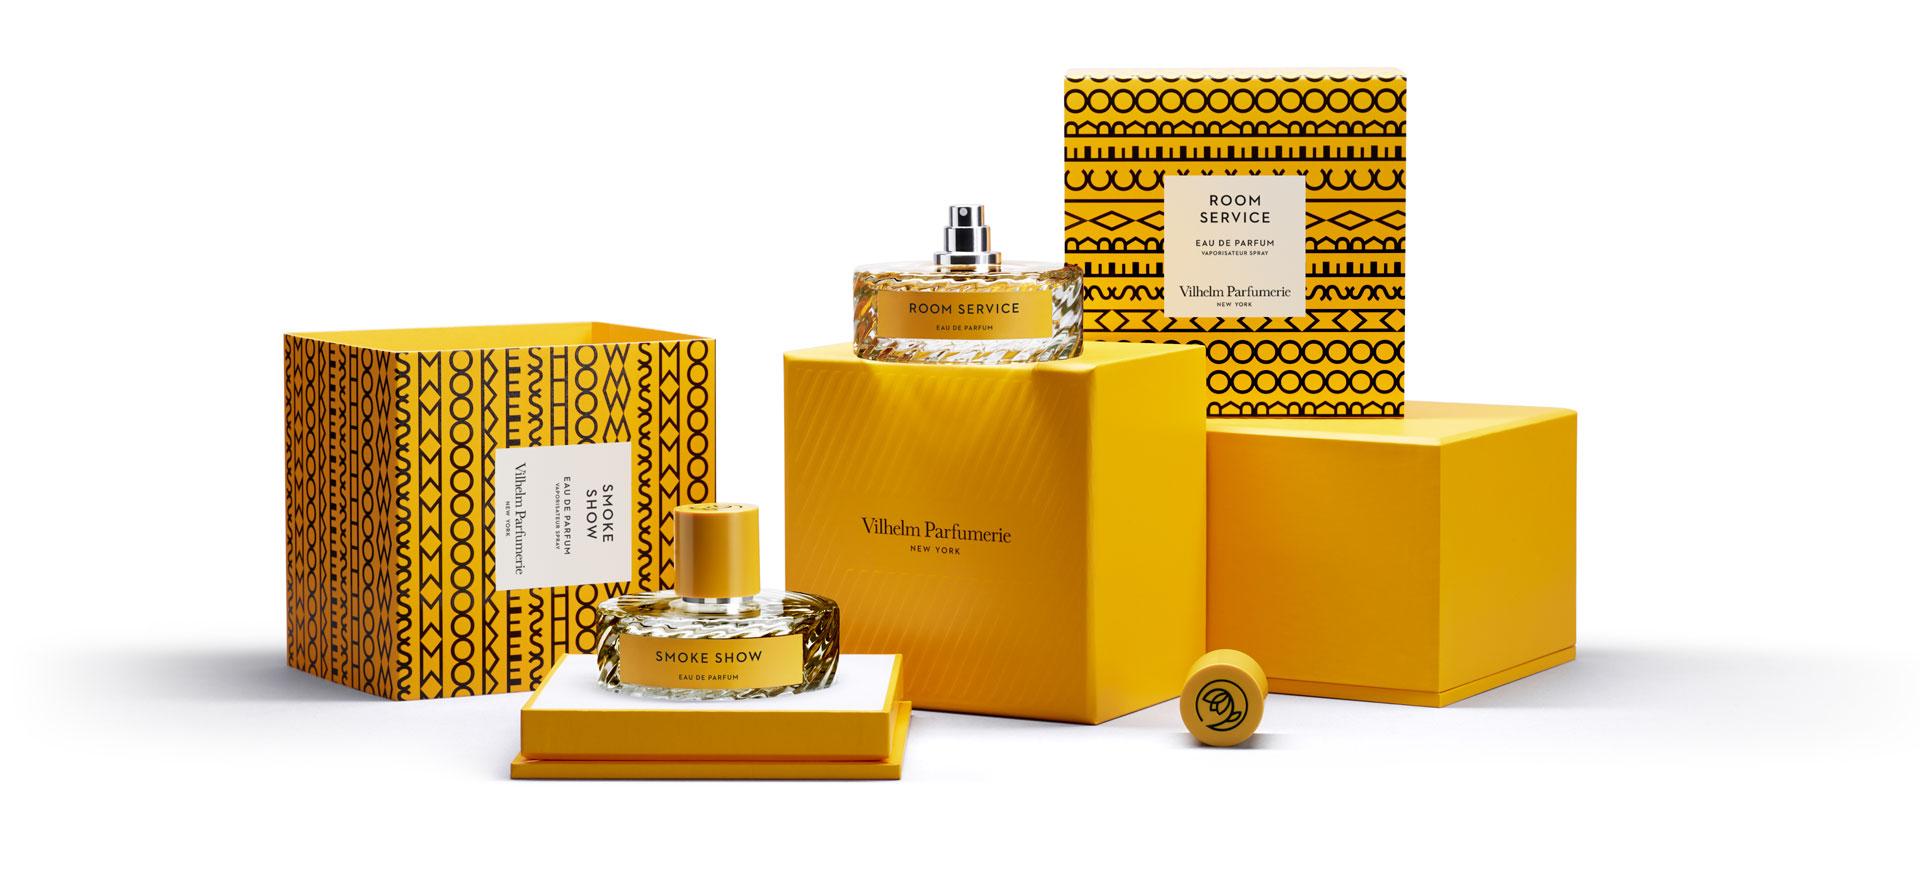 Vilhelm Parfumerie